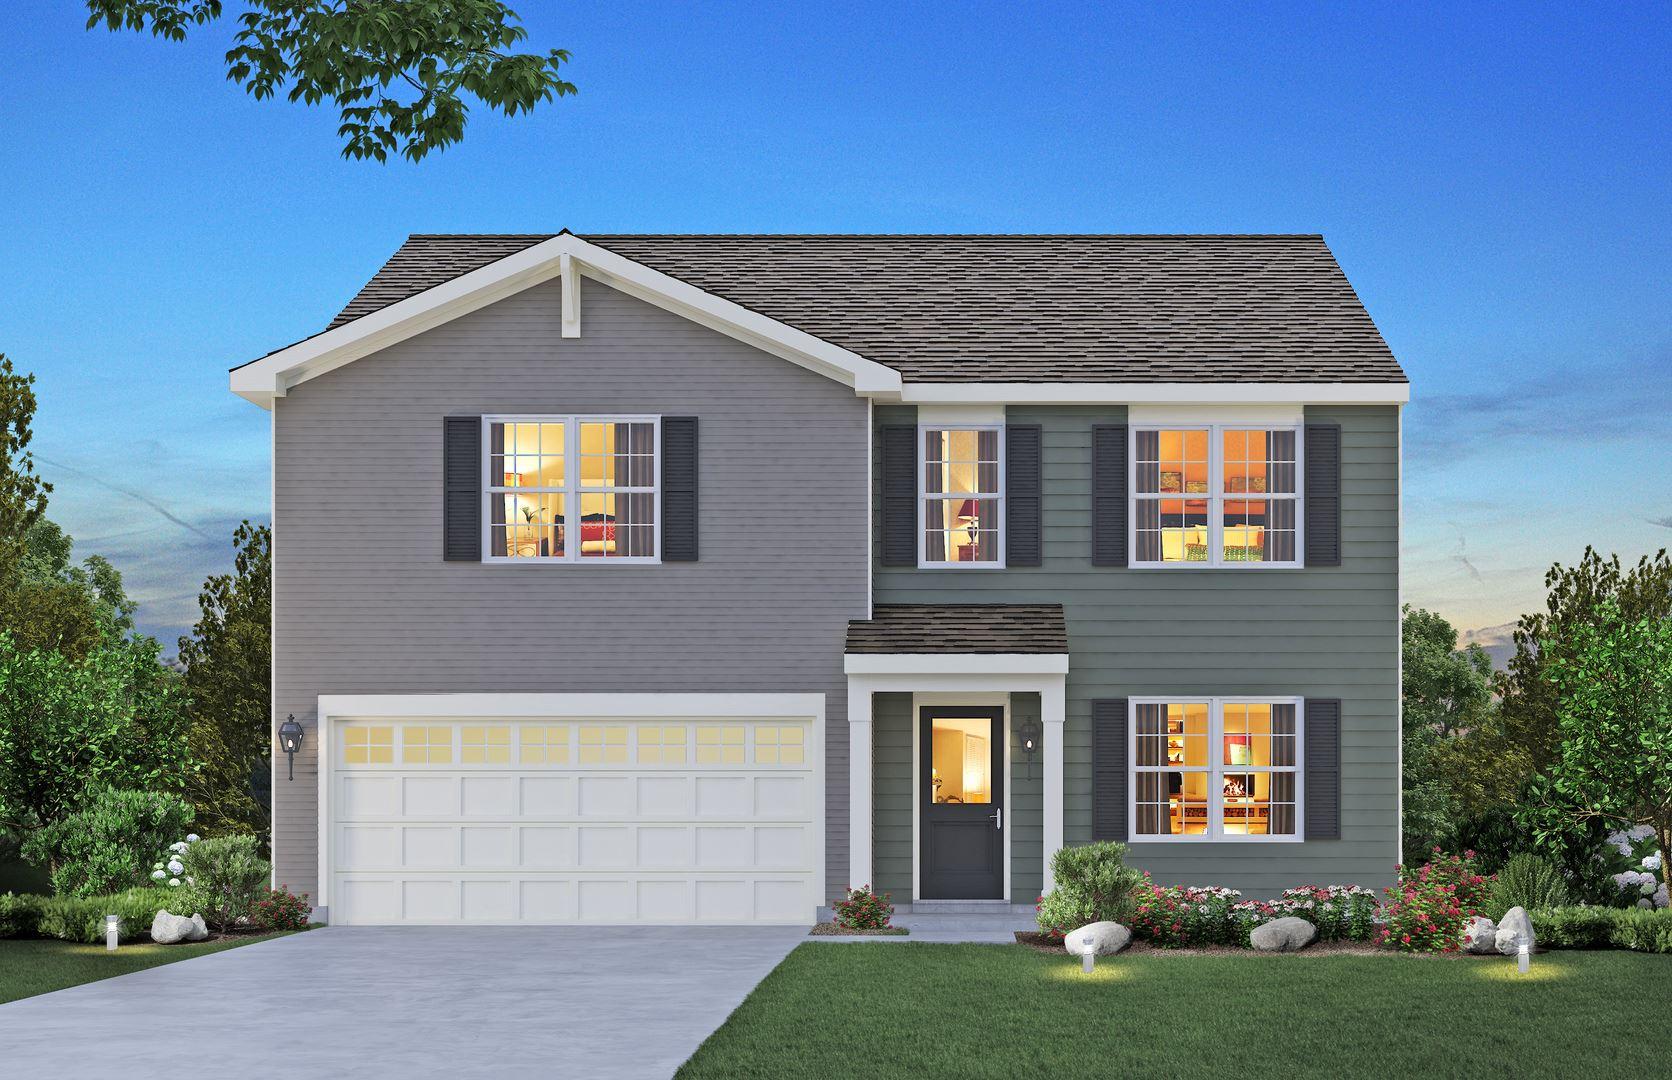 3810 Doherty Lane, McHenry, IL 60050 - #: 11236634